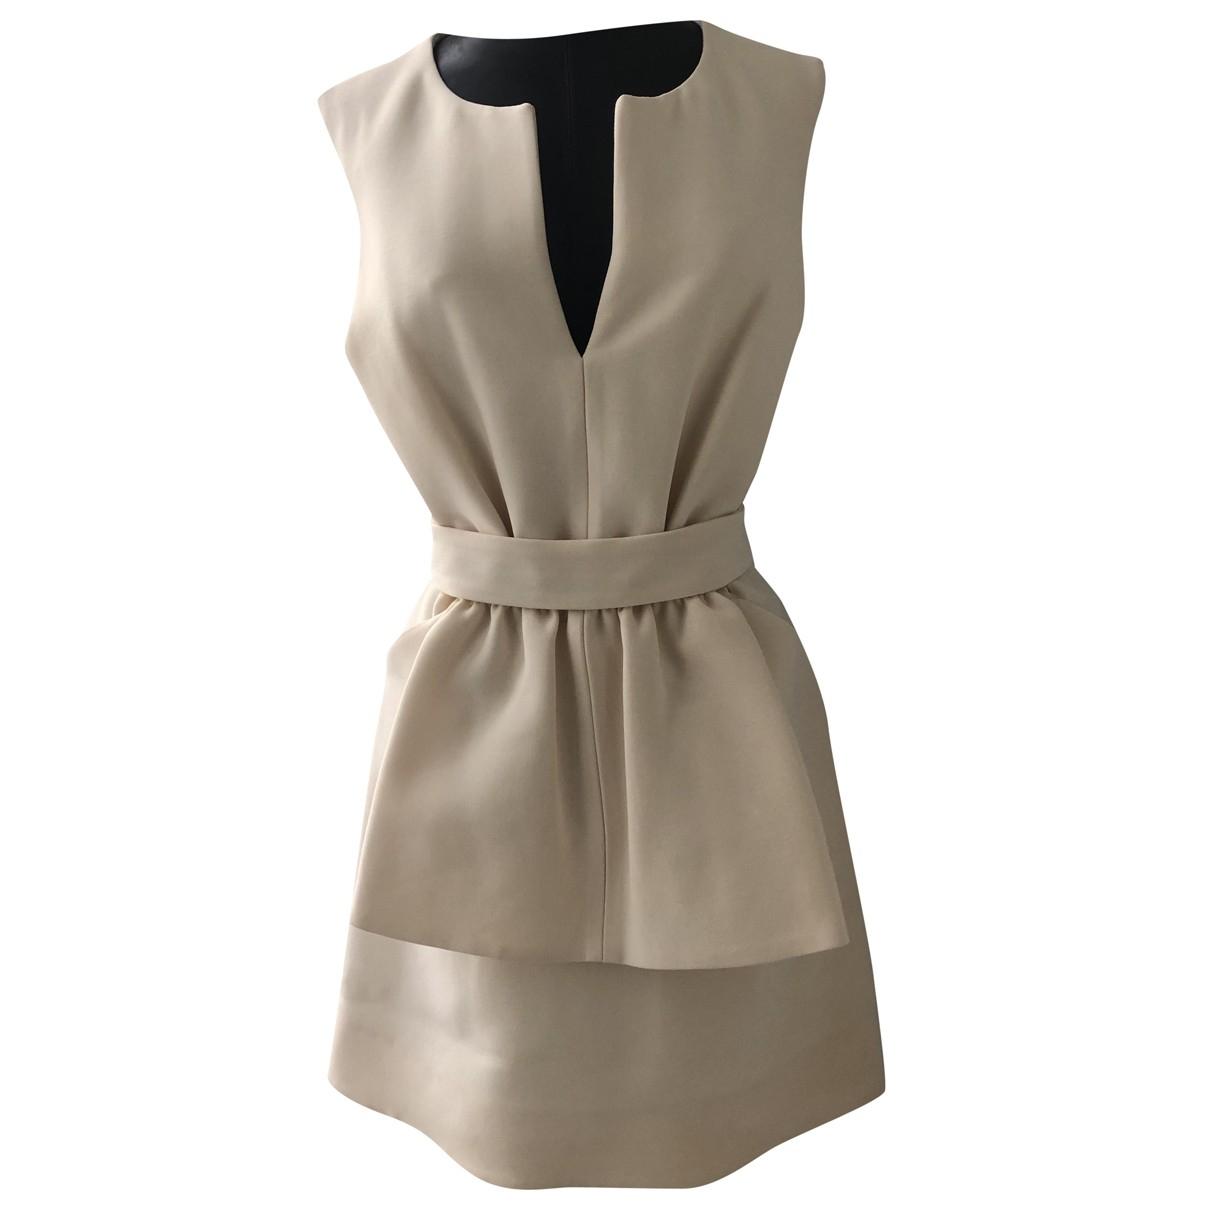 Fendi N Beige Cotton dress for Women 34 FR